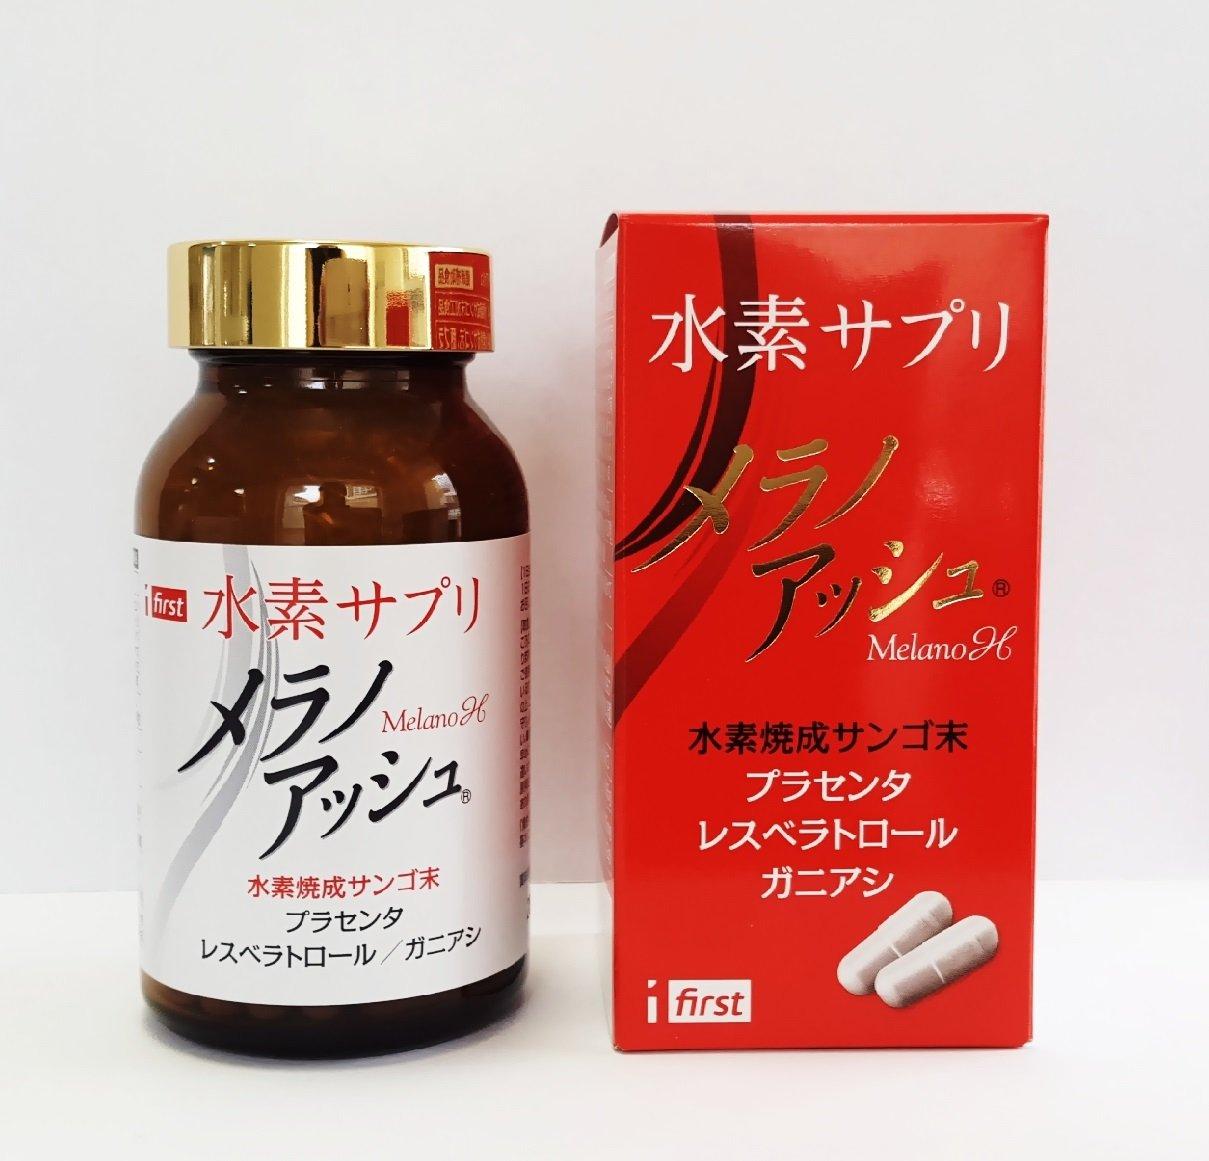 水素焼成サンゴ末 メラノアッシュ(水素焼成サンゴ末サプリメント) B00G8WDN2Q